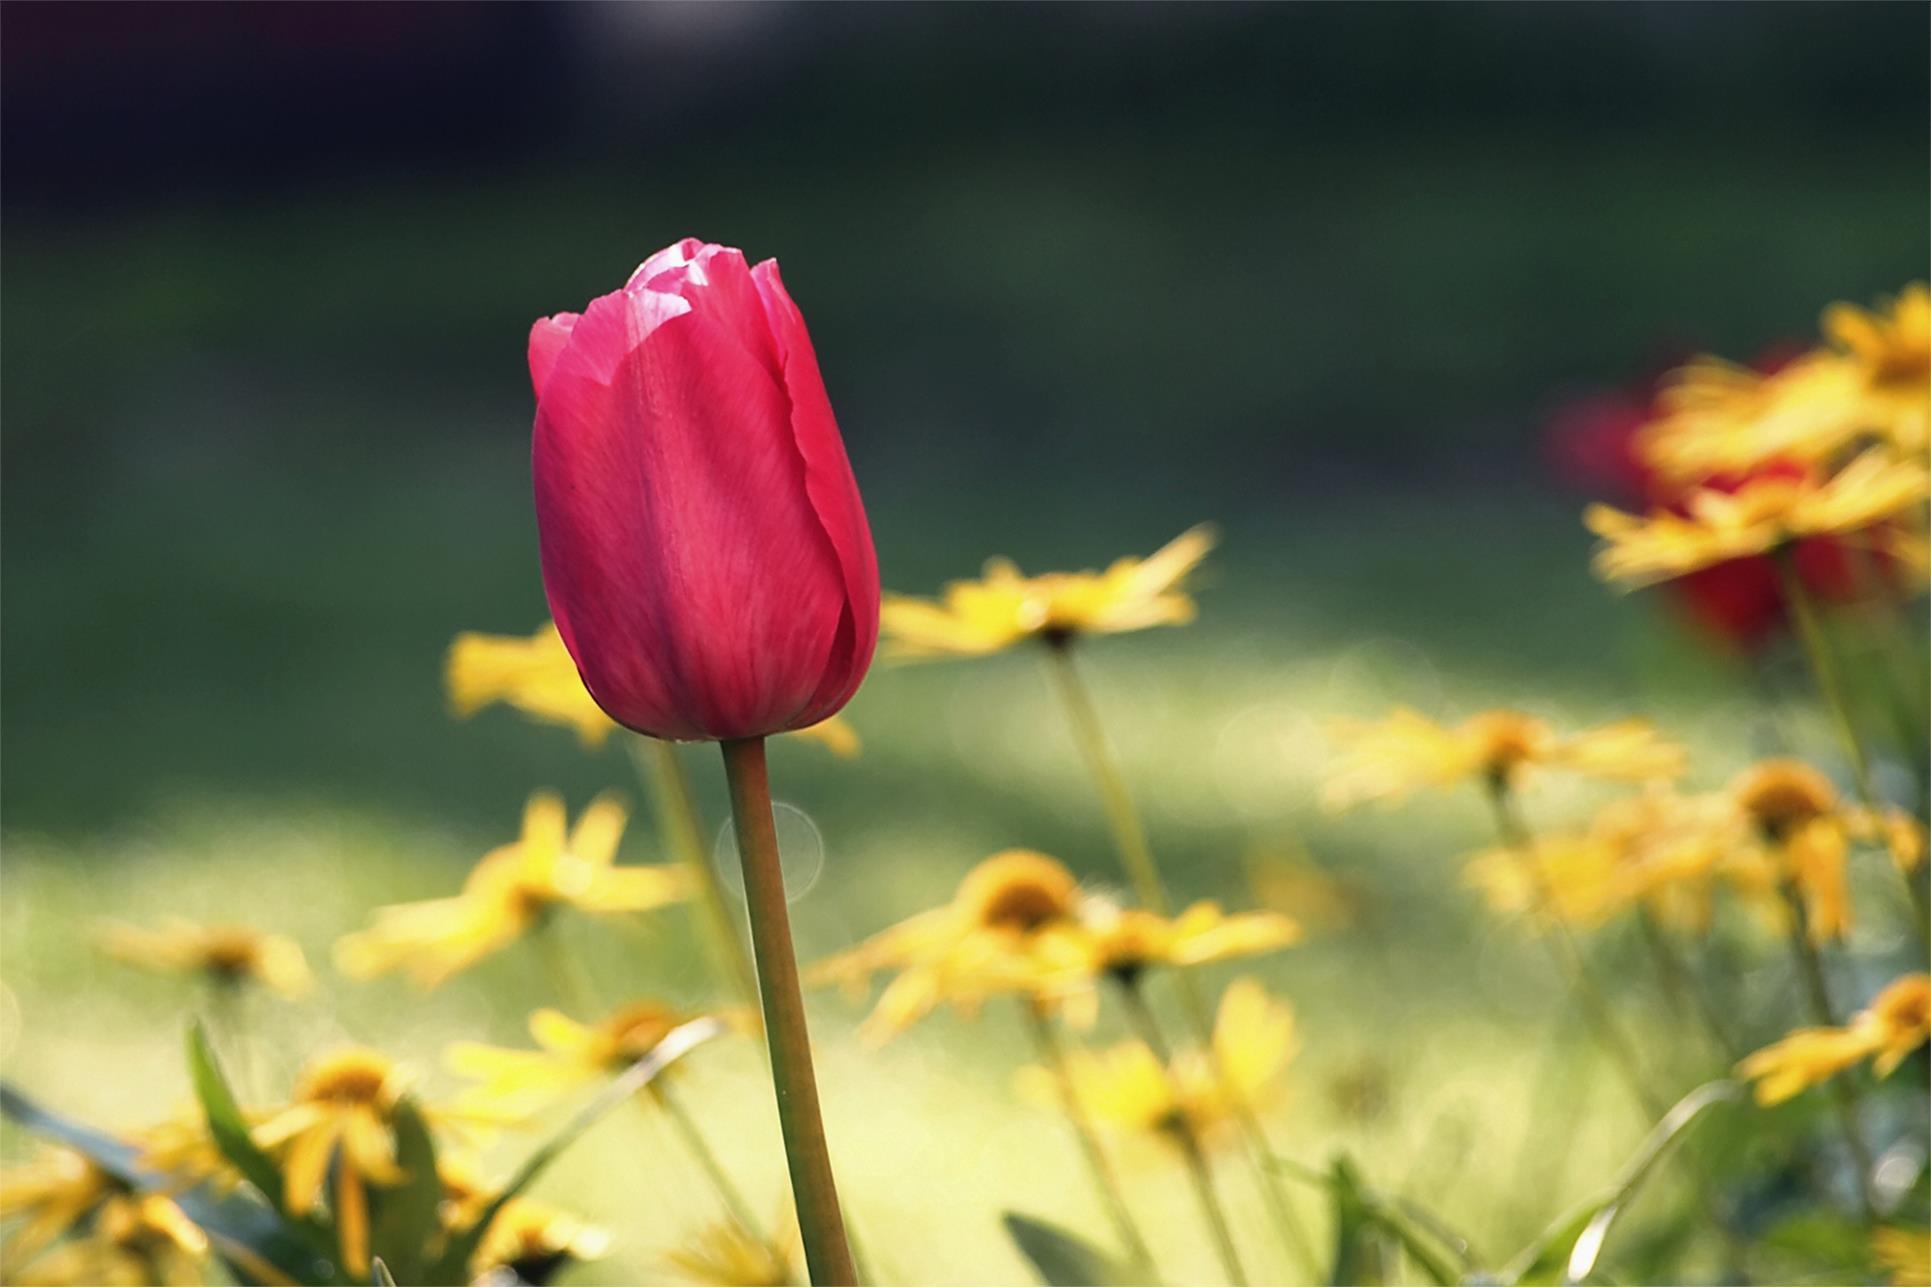 Tử vi tháng 10/2020: Tuổi Mão thuận lợi mọi bề, tuổi Mùi vướng nhiều trở ngại 2